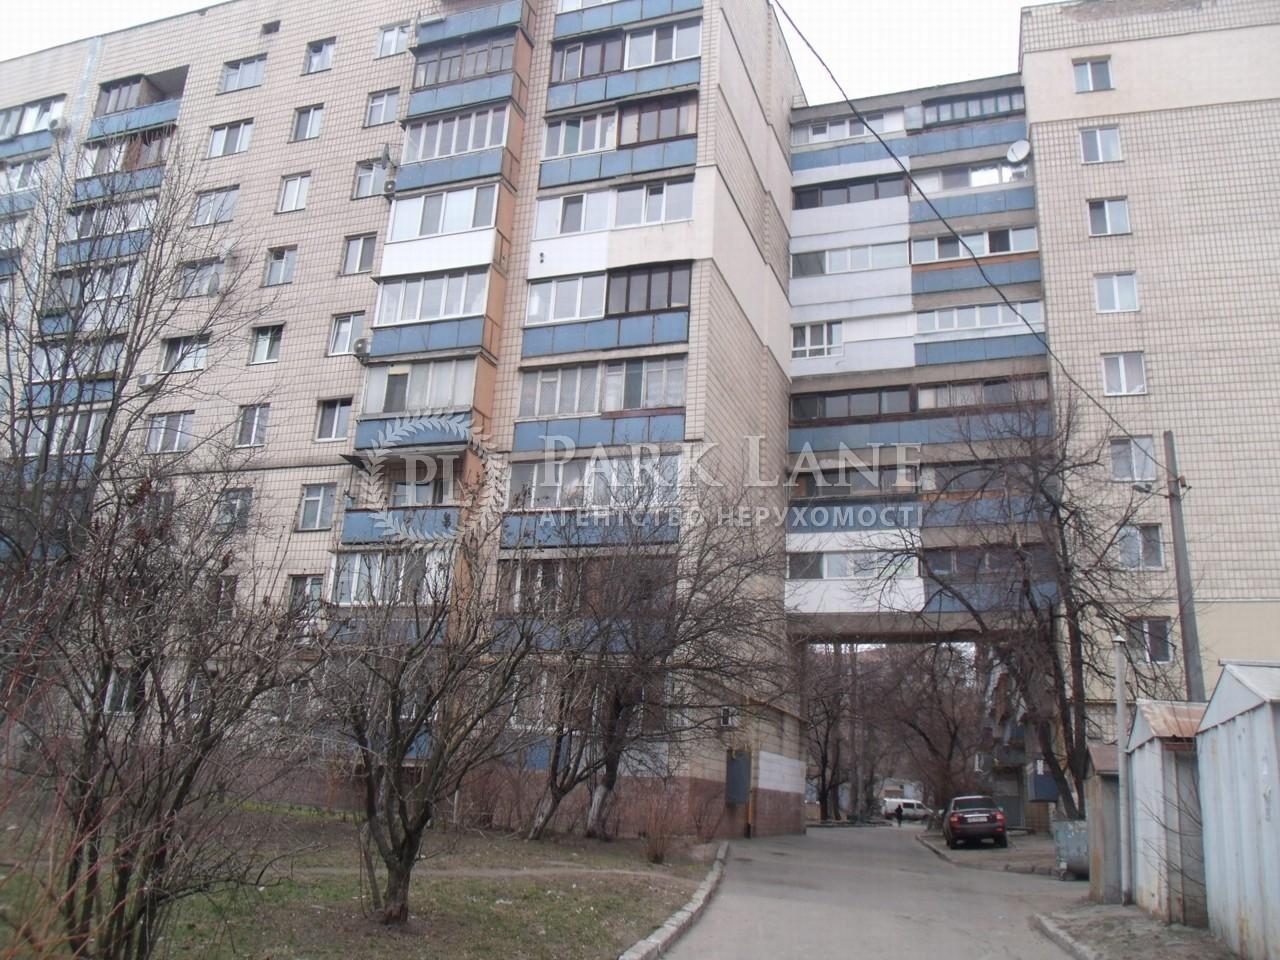 Квартира ул. Коперника, 16б, Киев, Z-310293 - Фото 1